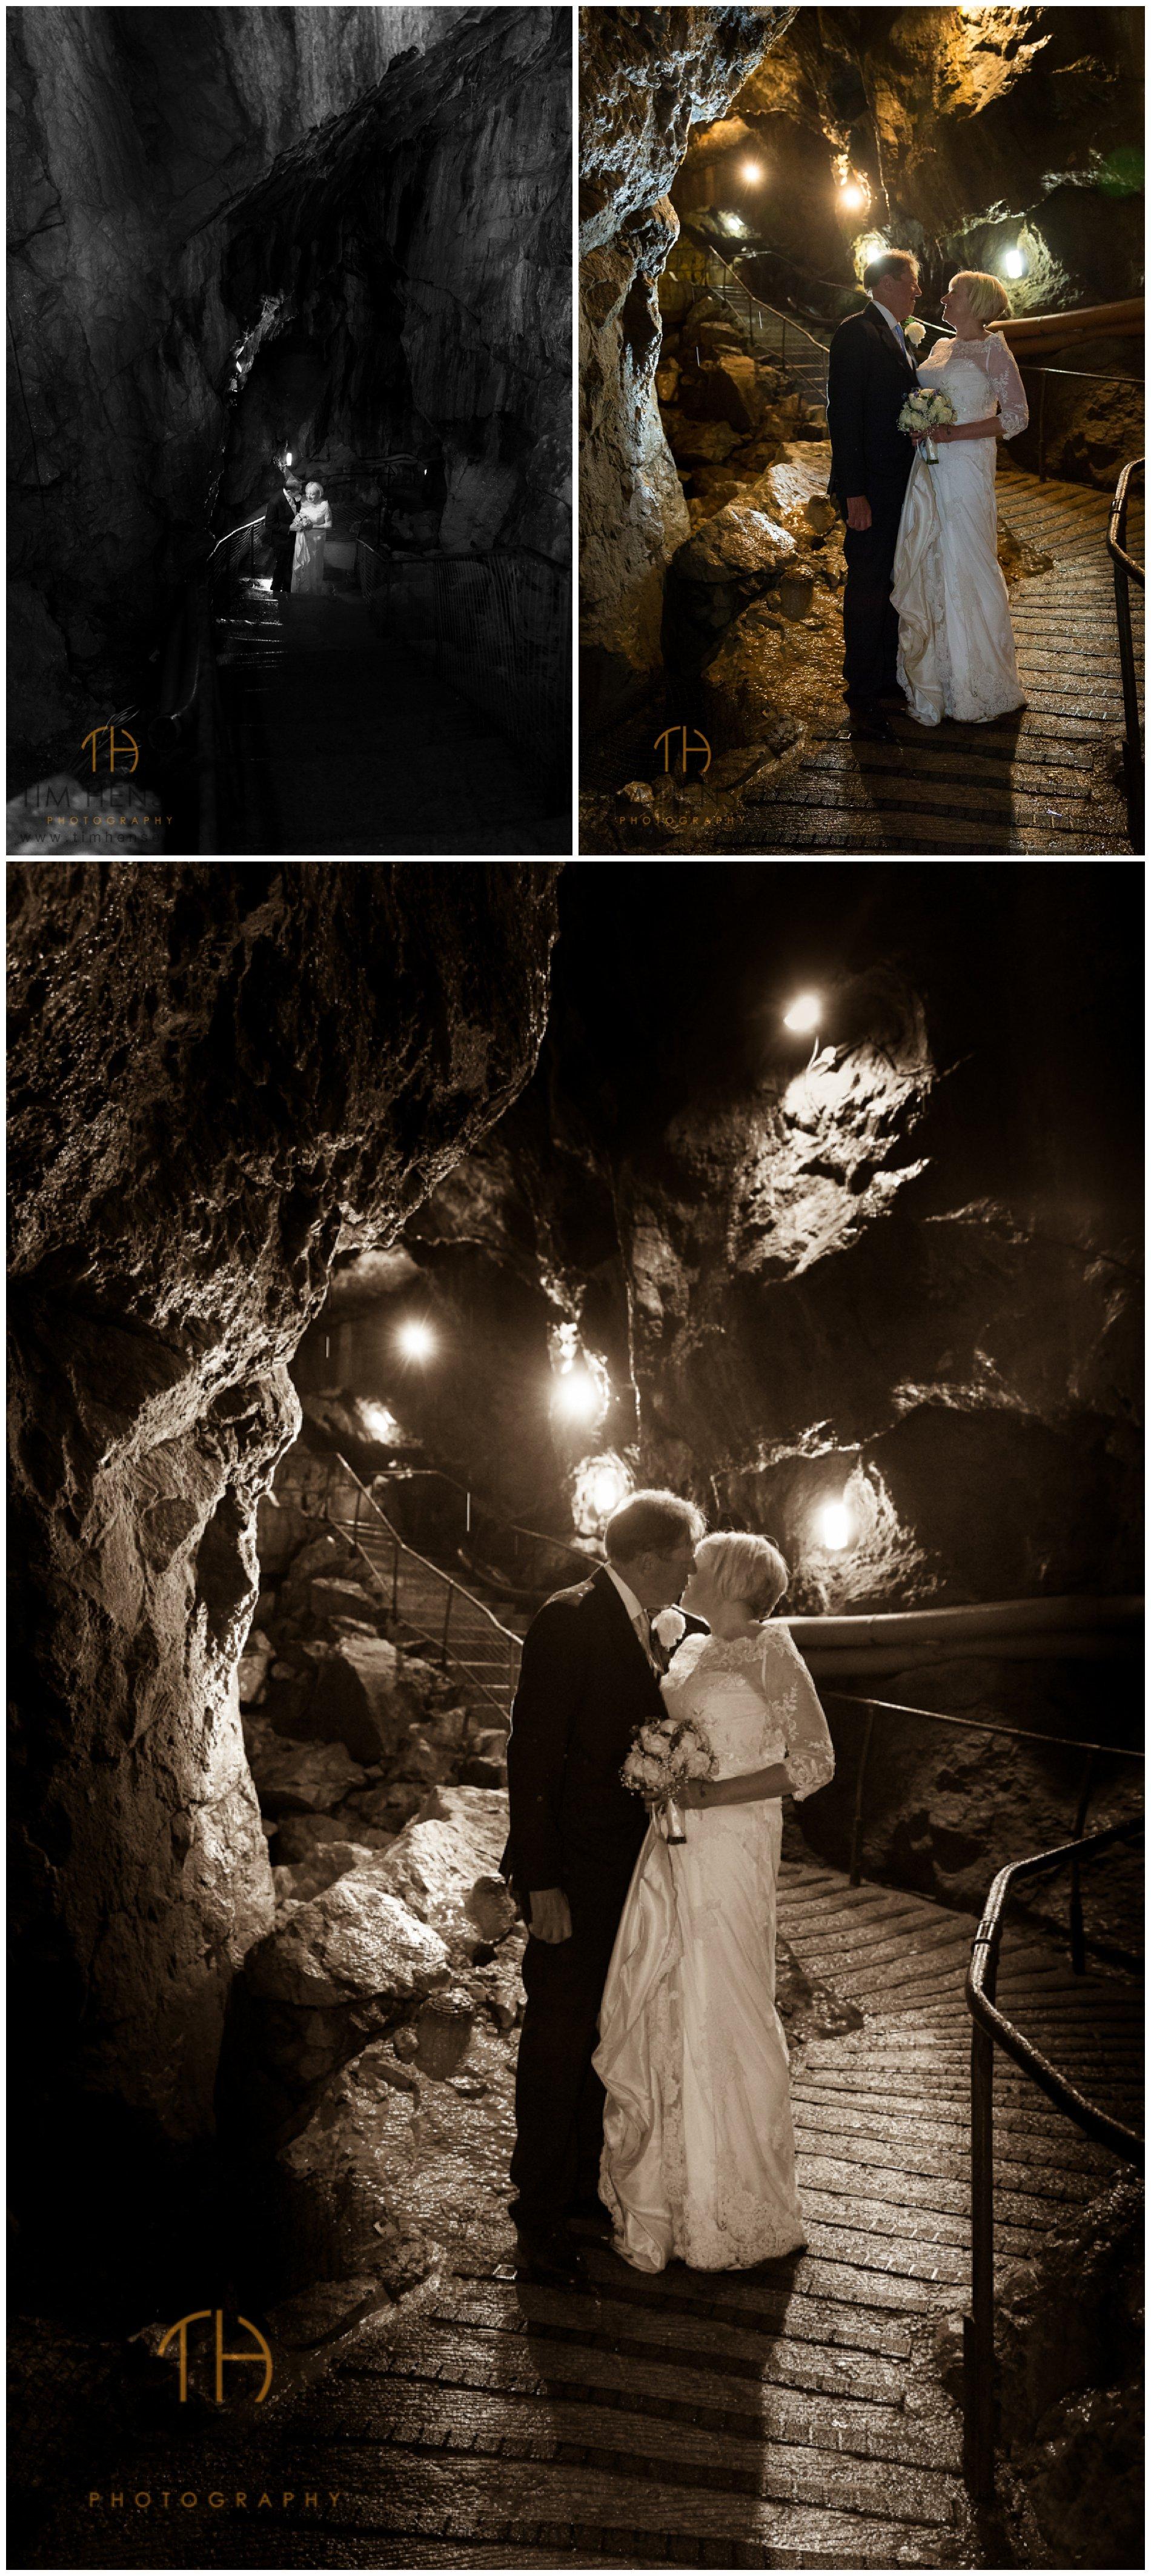 Wedding photos in Treak Cliff Cavern, underground in Derbyshire.